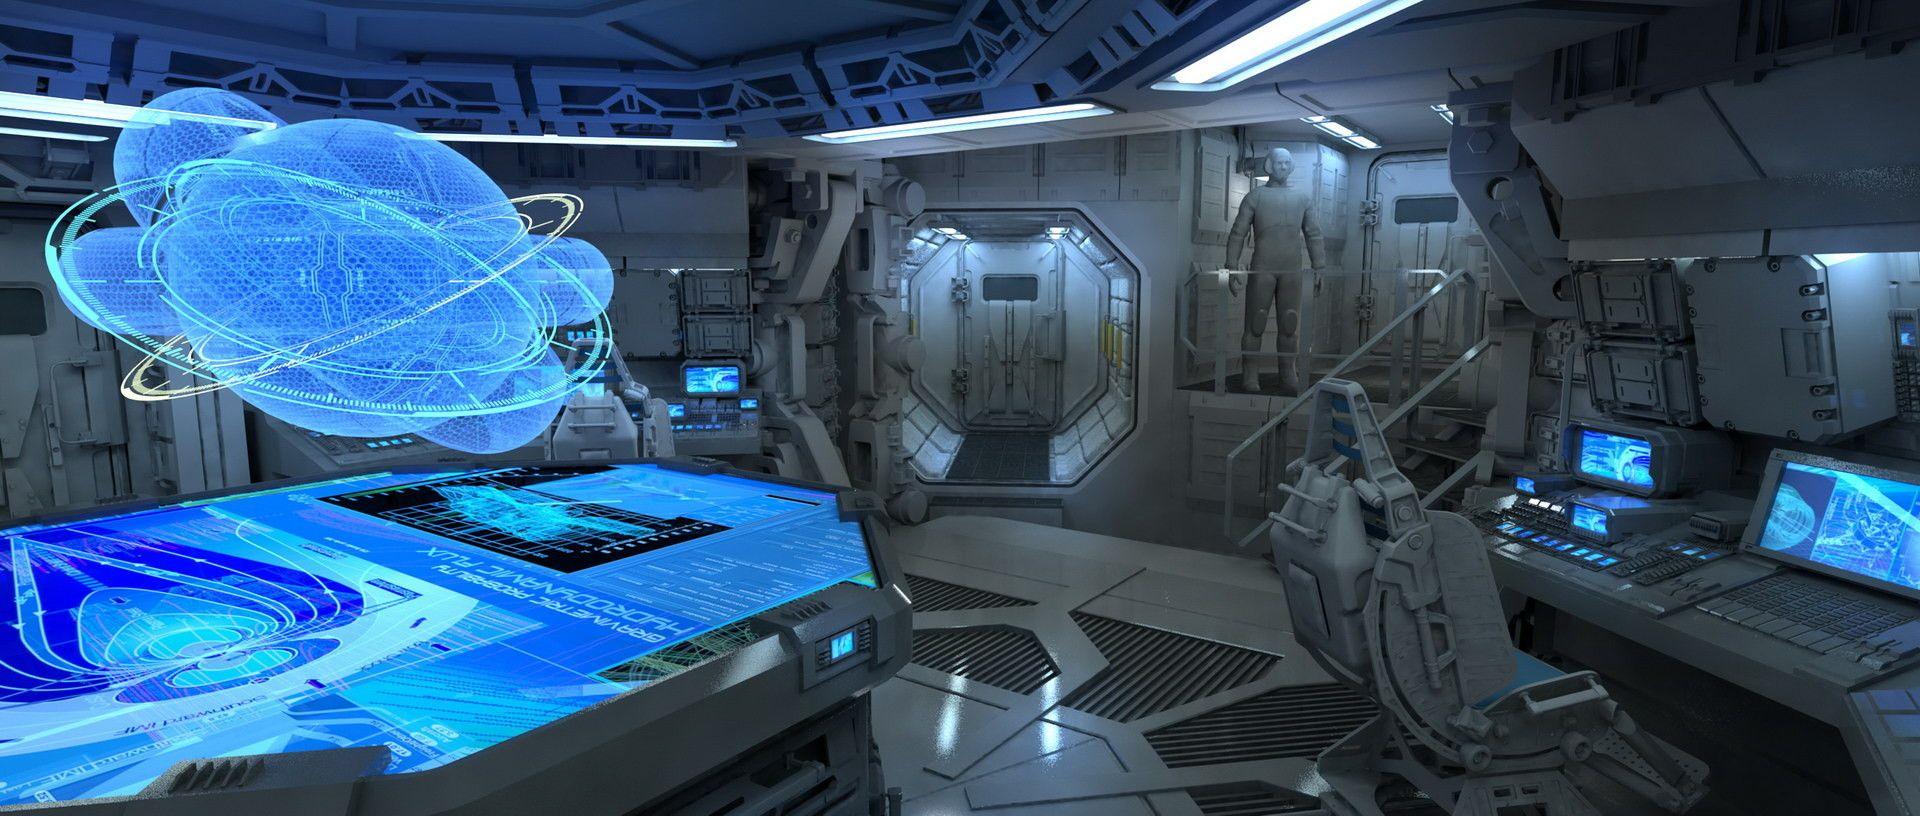 Artstation alien covenant ship interiors steve burg for Interior room design generator